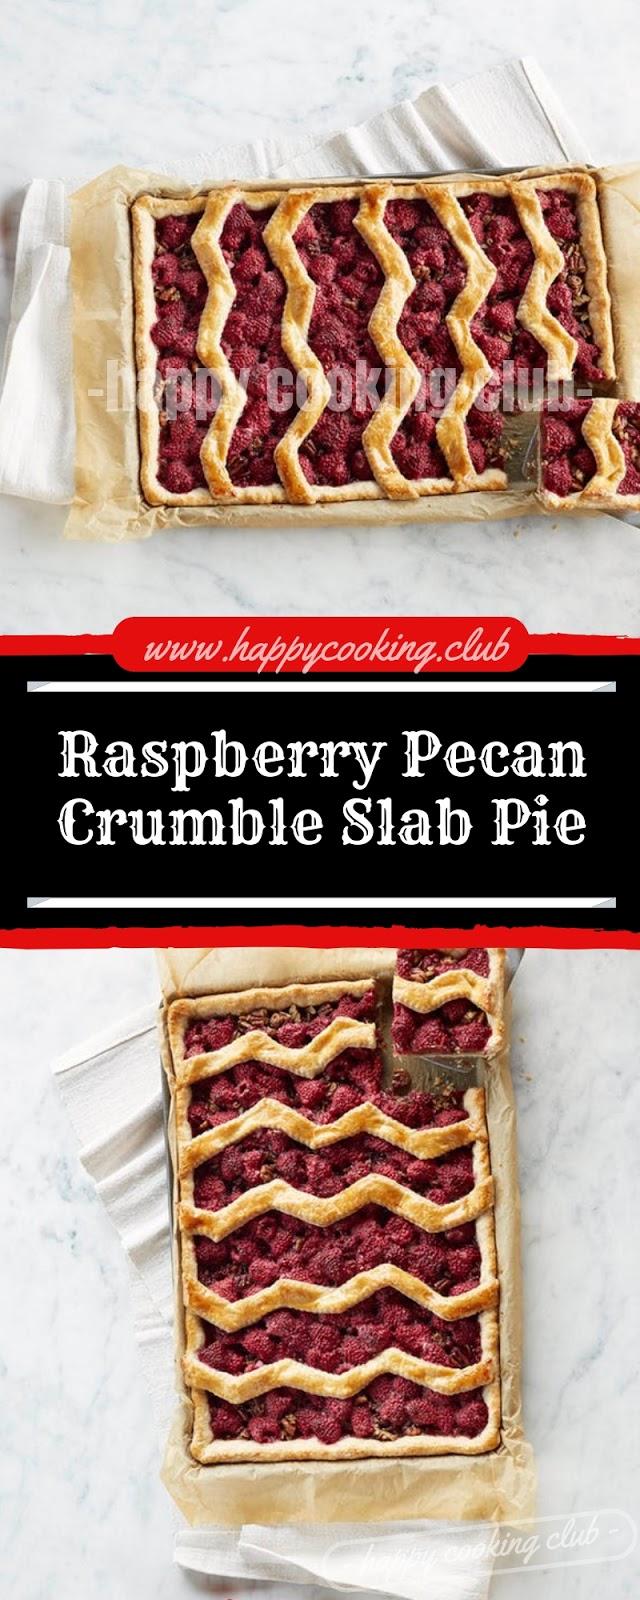 Raspberry Pecan Crumble Slab Pie